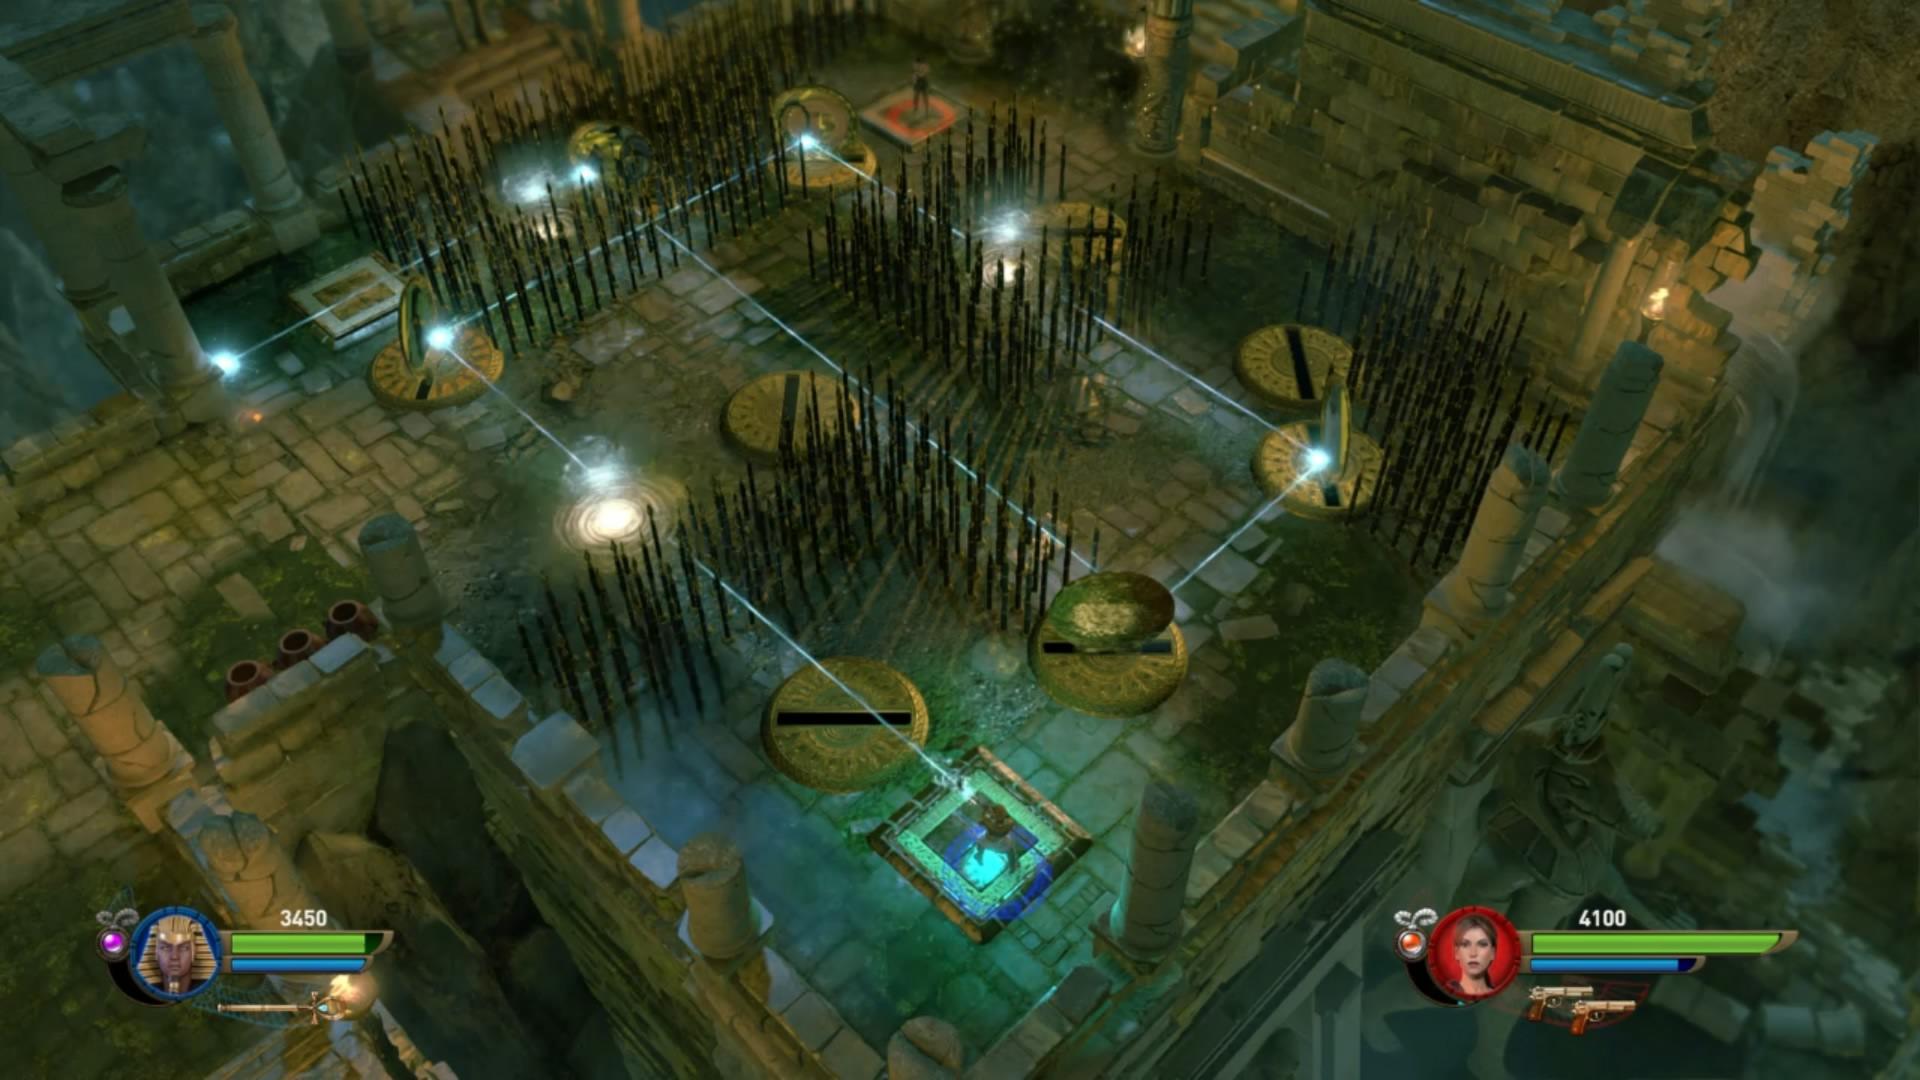 lara-croft-temple-osiris-puzzle